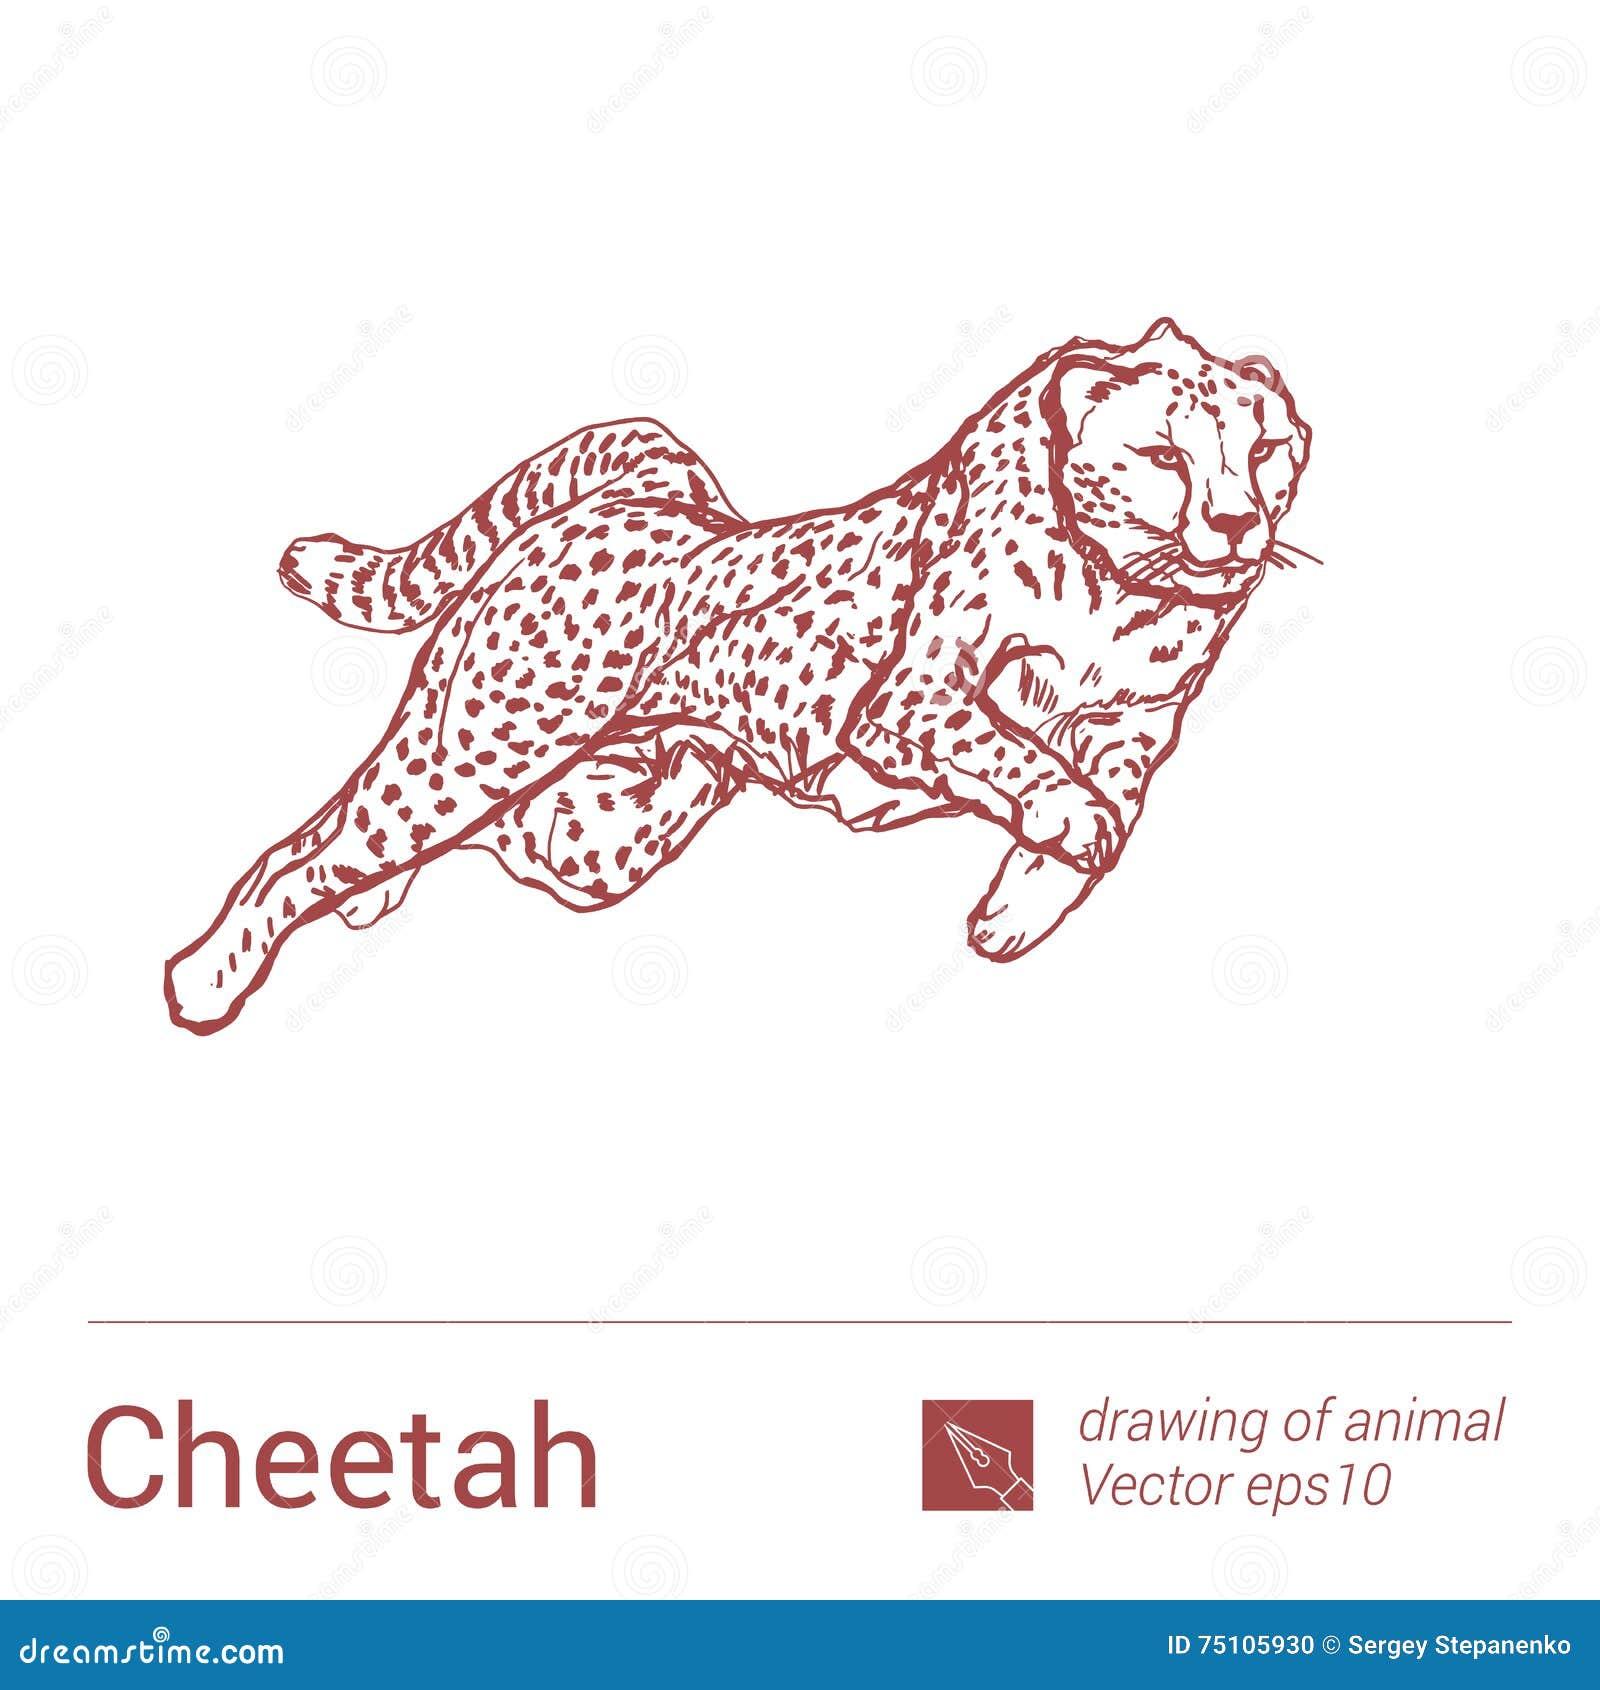 Книга как рисовать животных скачать